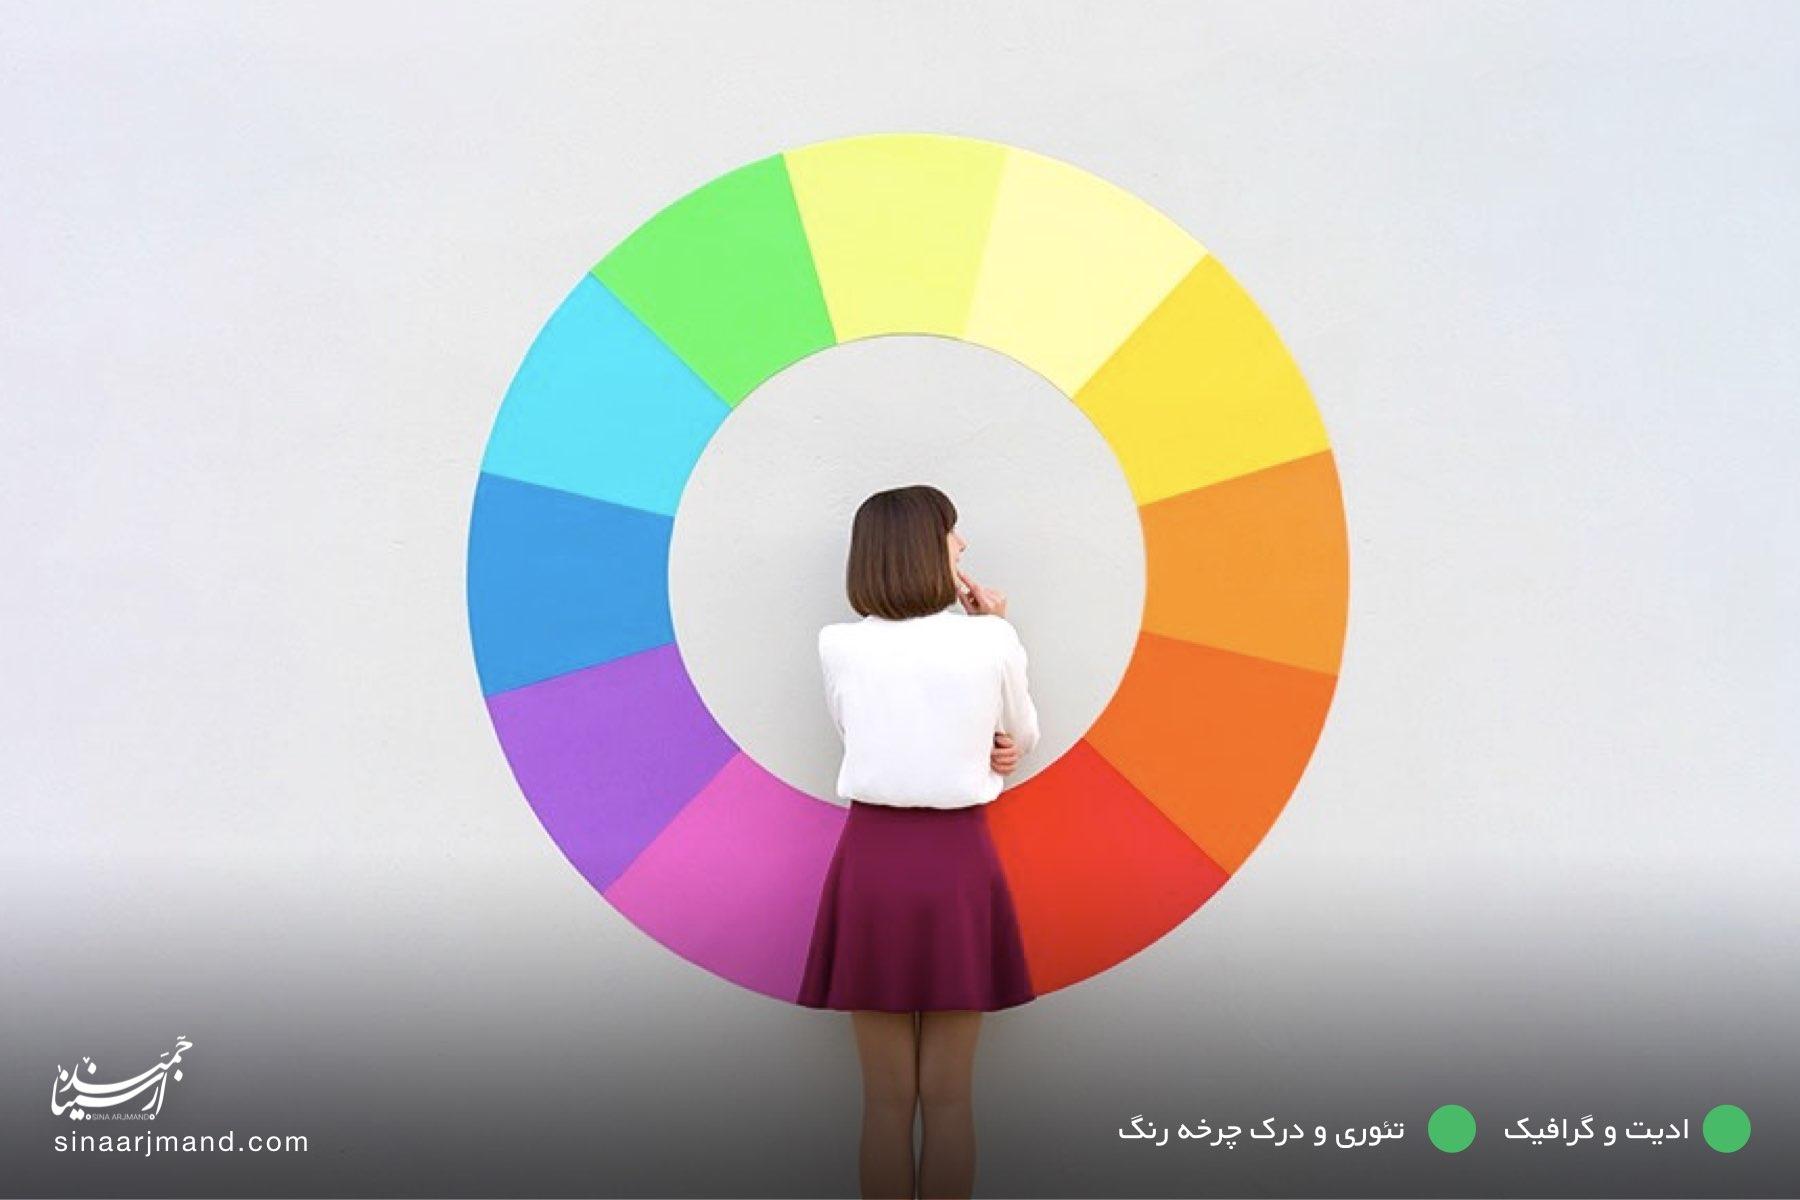 تئوری و درک چرخه رنگ